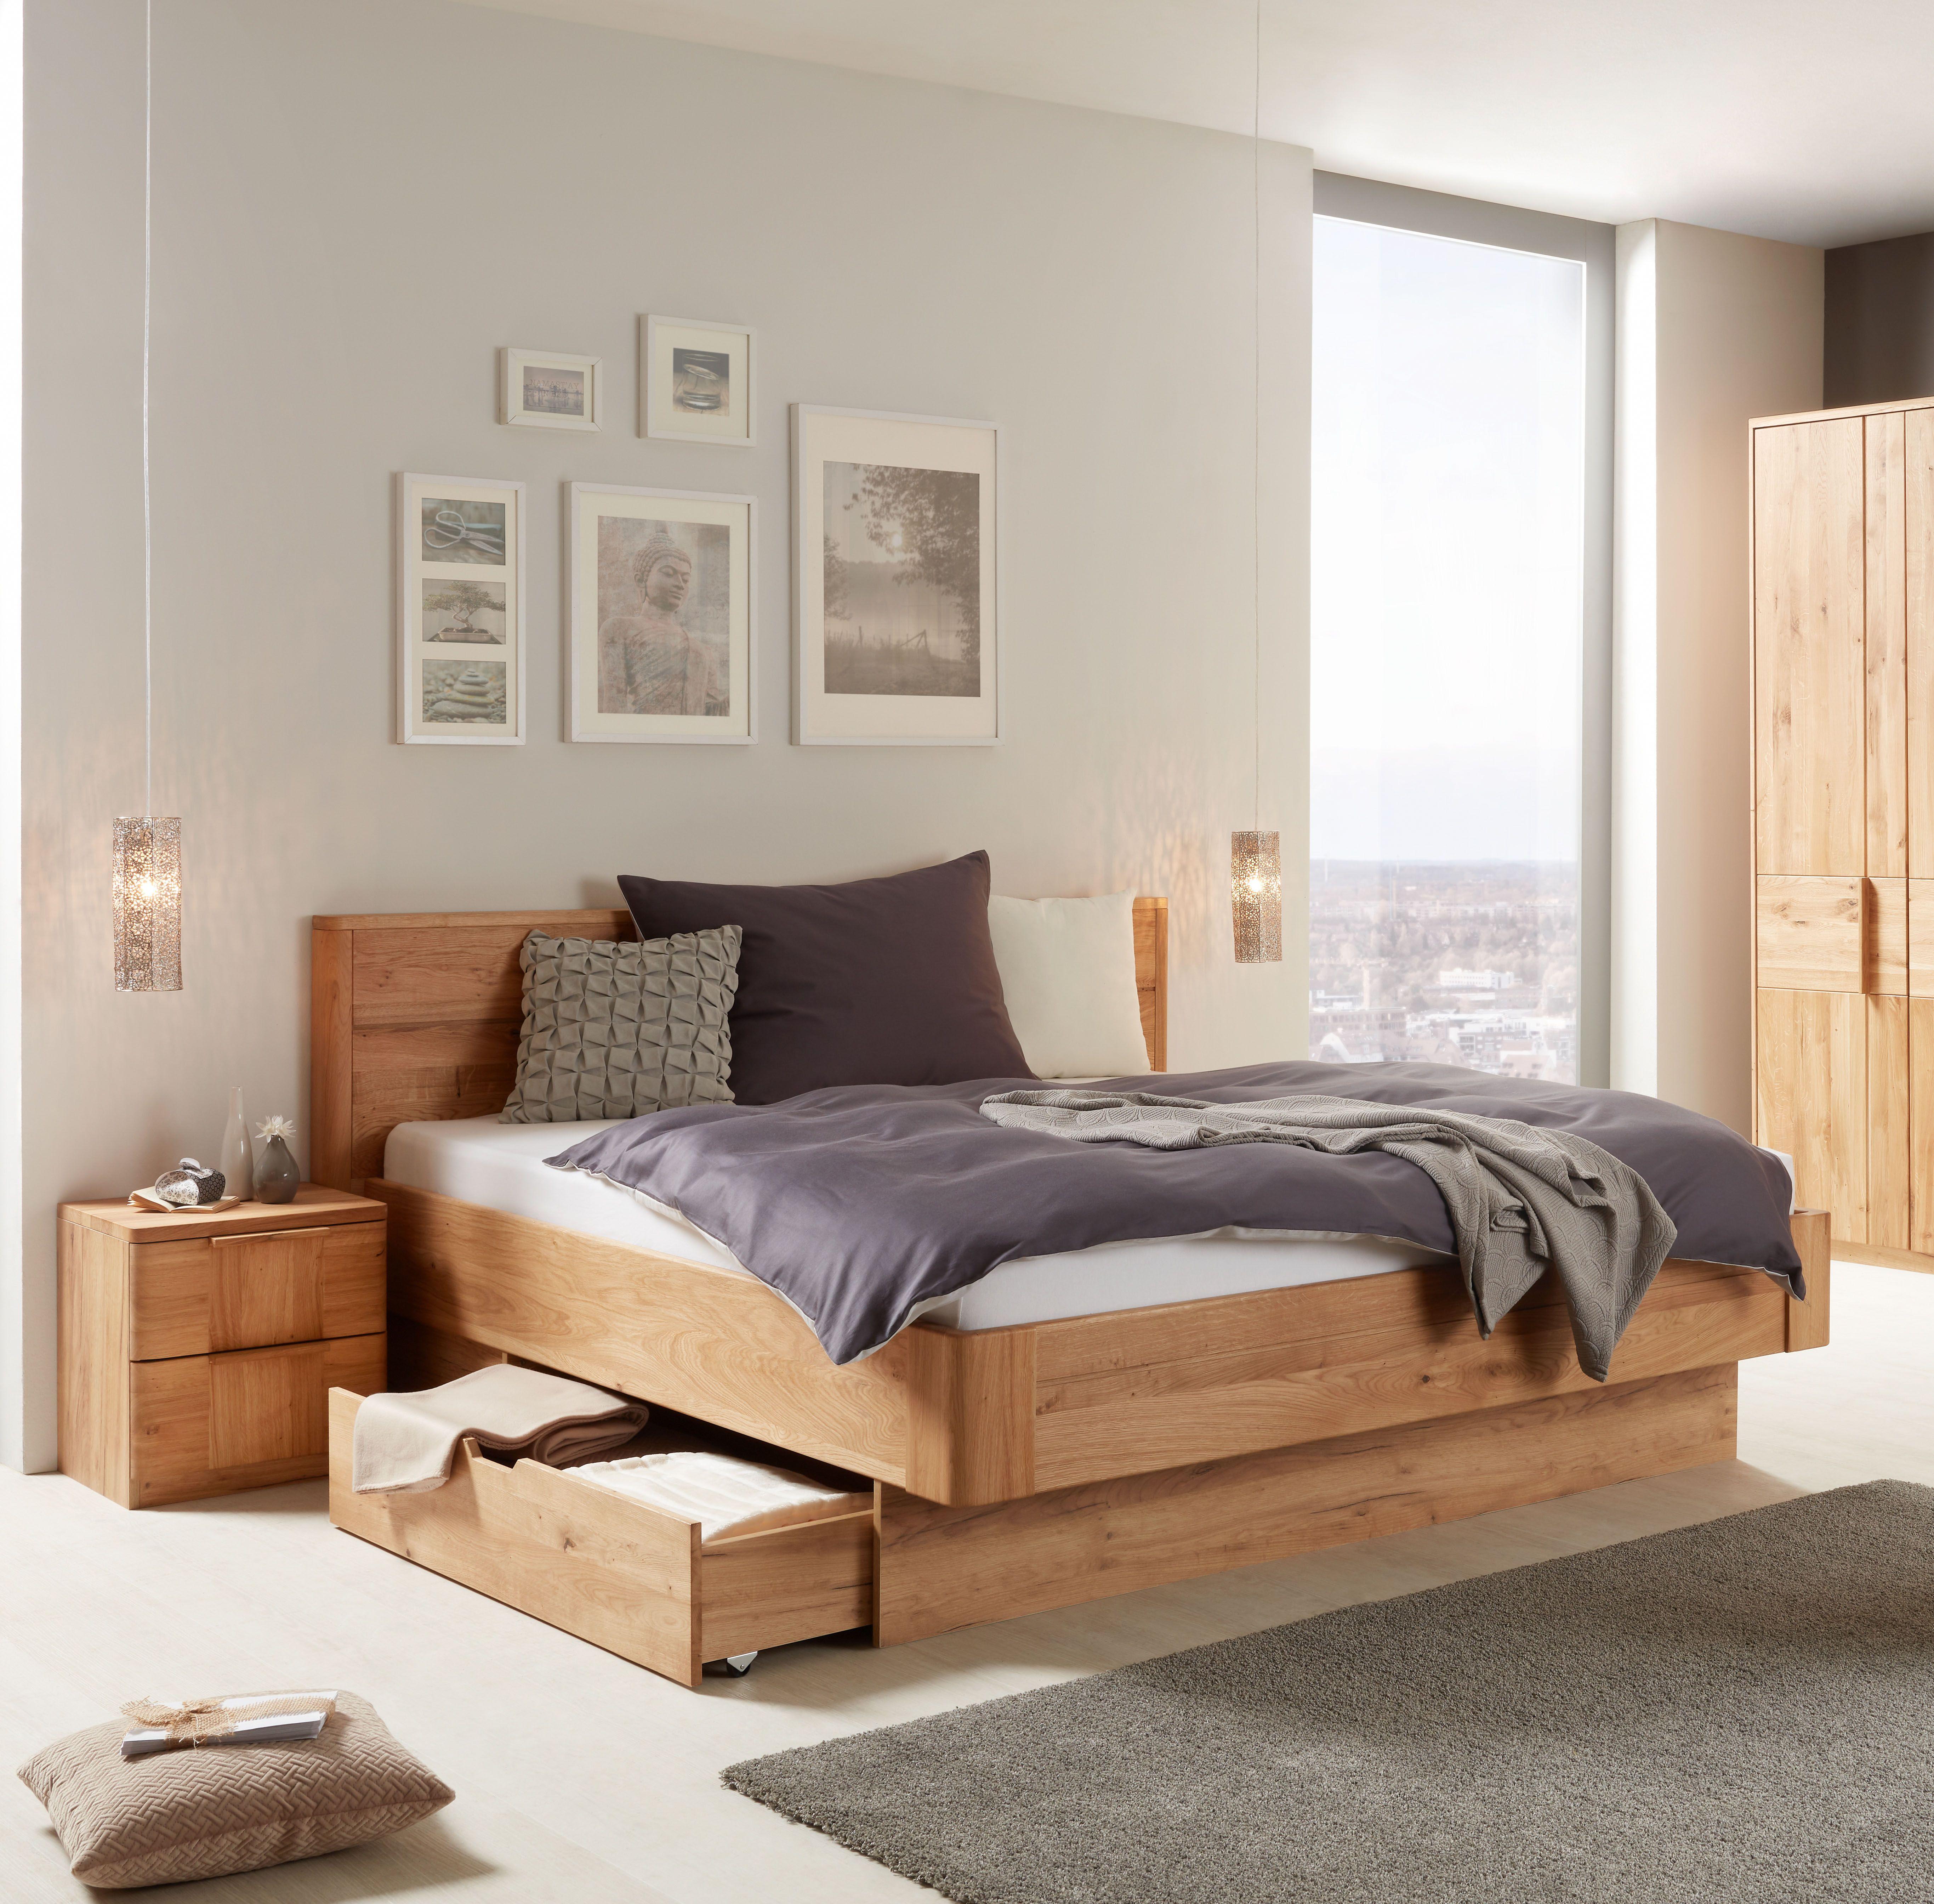 Bett In Wildeiche Teilmassiv Schlafzimmer Set Haus Haus Deko